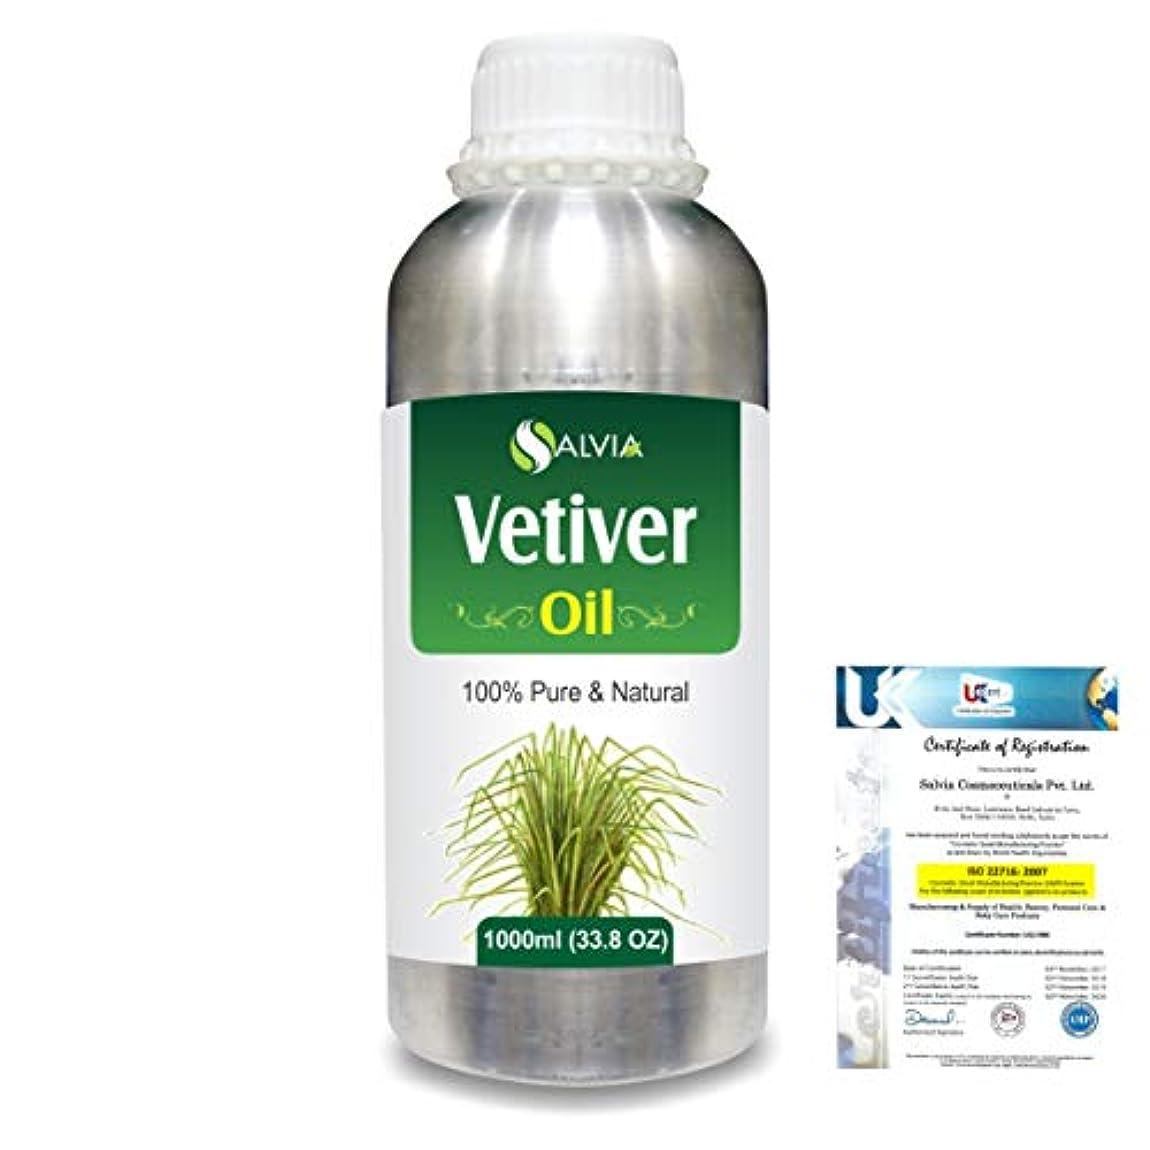 真似る革命的栄光のVetiver (Vetiveria zizanioides)100% Natural Pure Essential Oil 1000ml/33.8fl.oz.